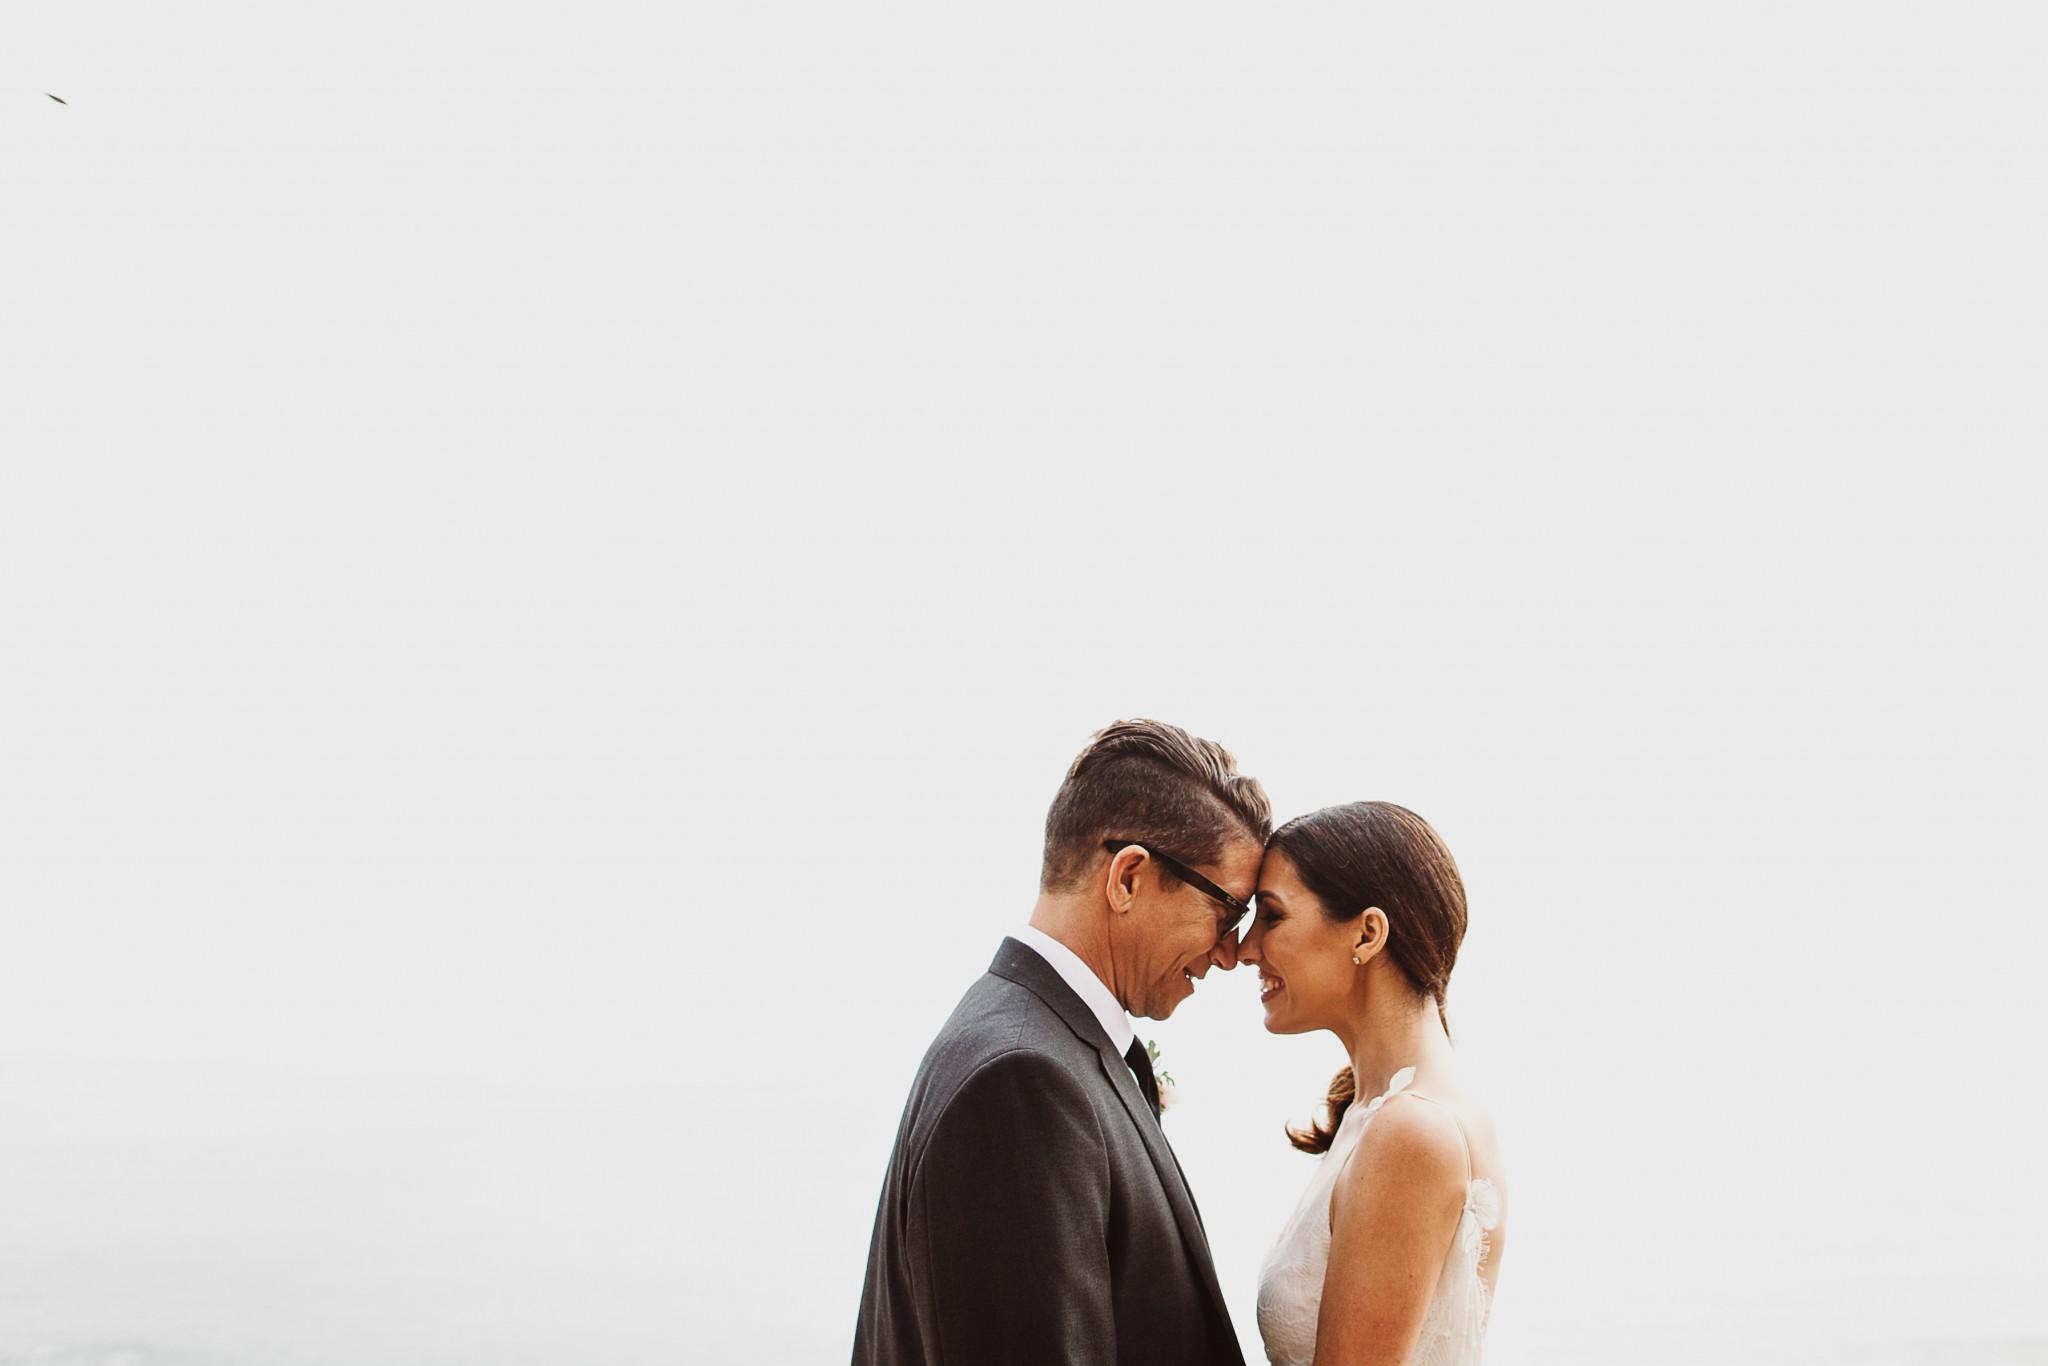 PaulGina-Married_stevecowellphoto-2121.jpg